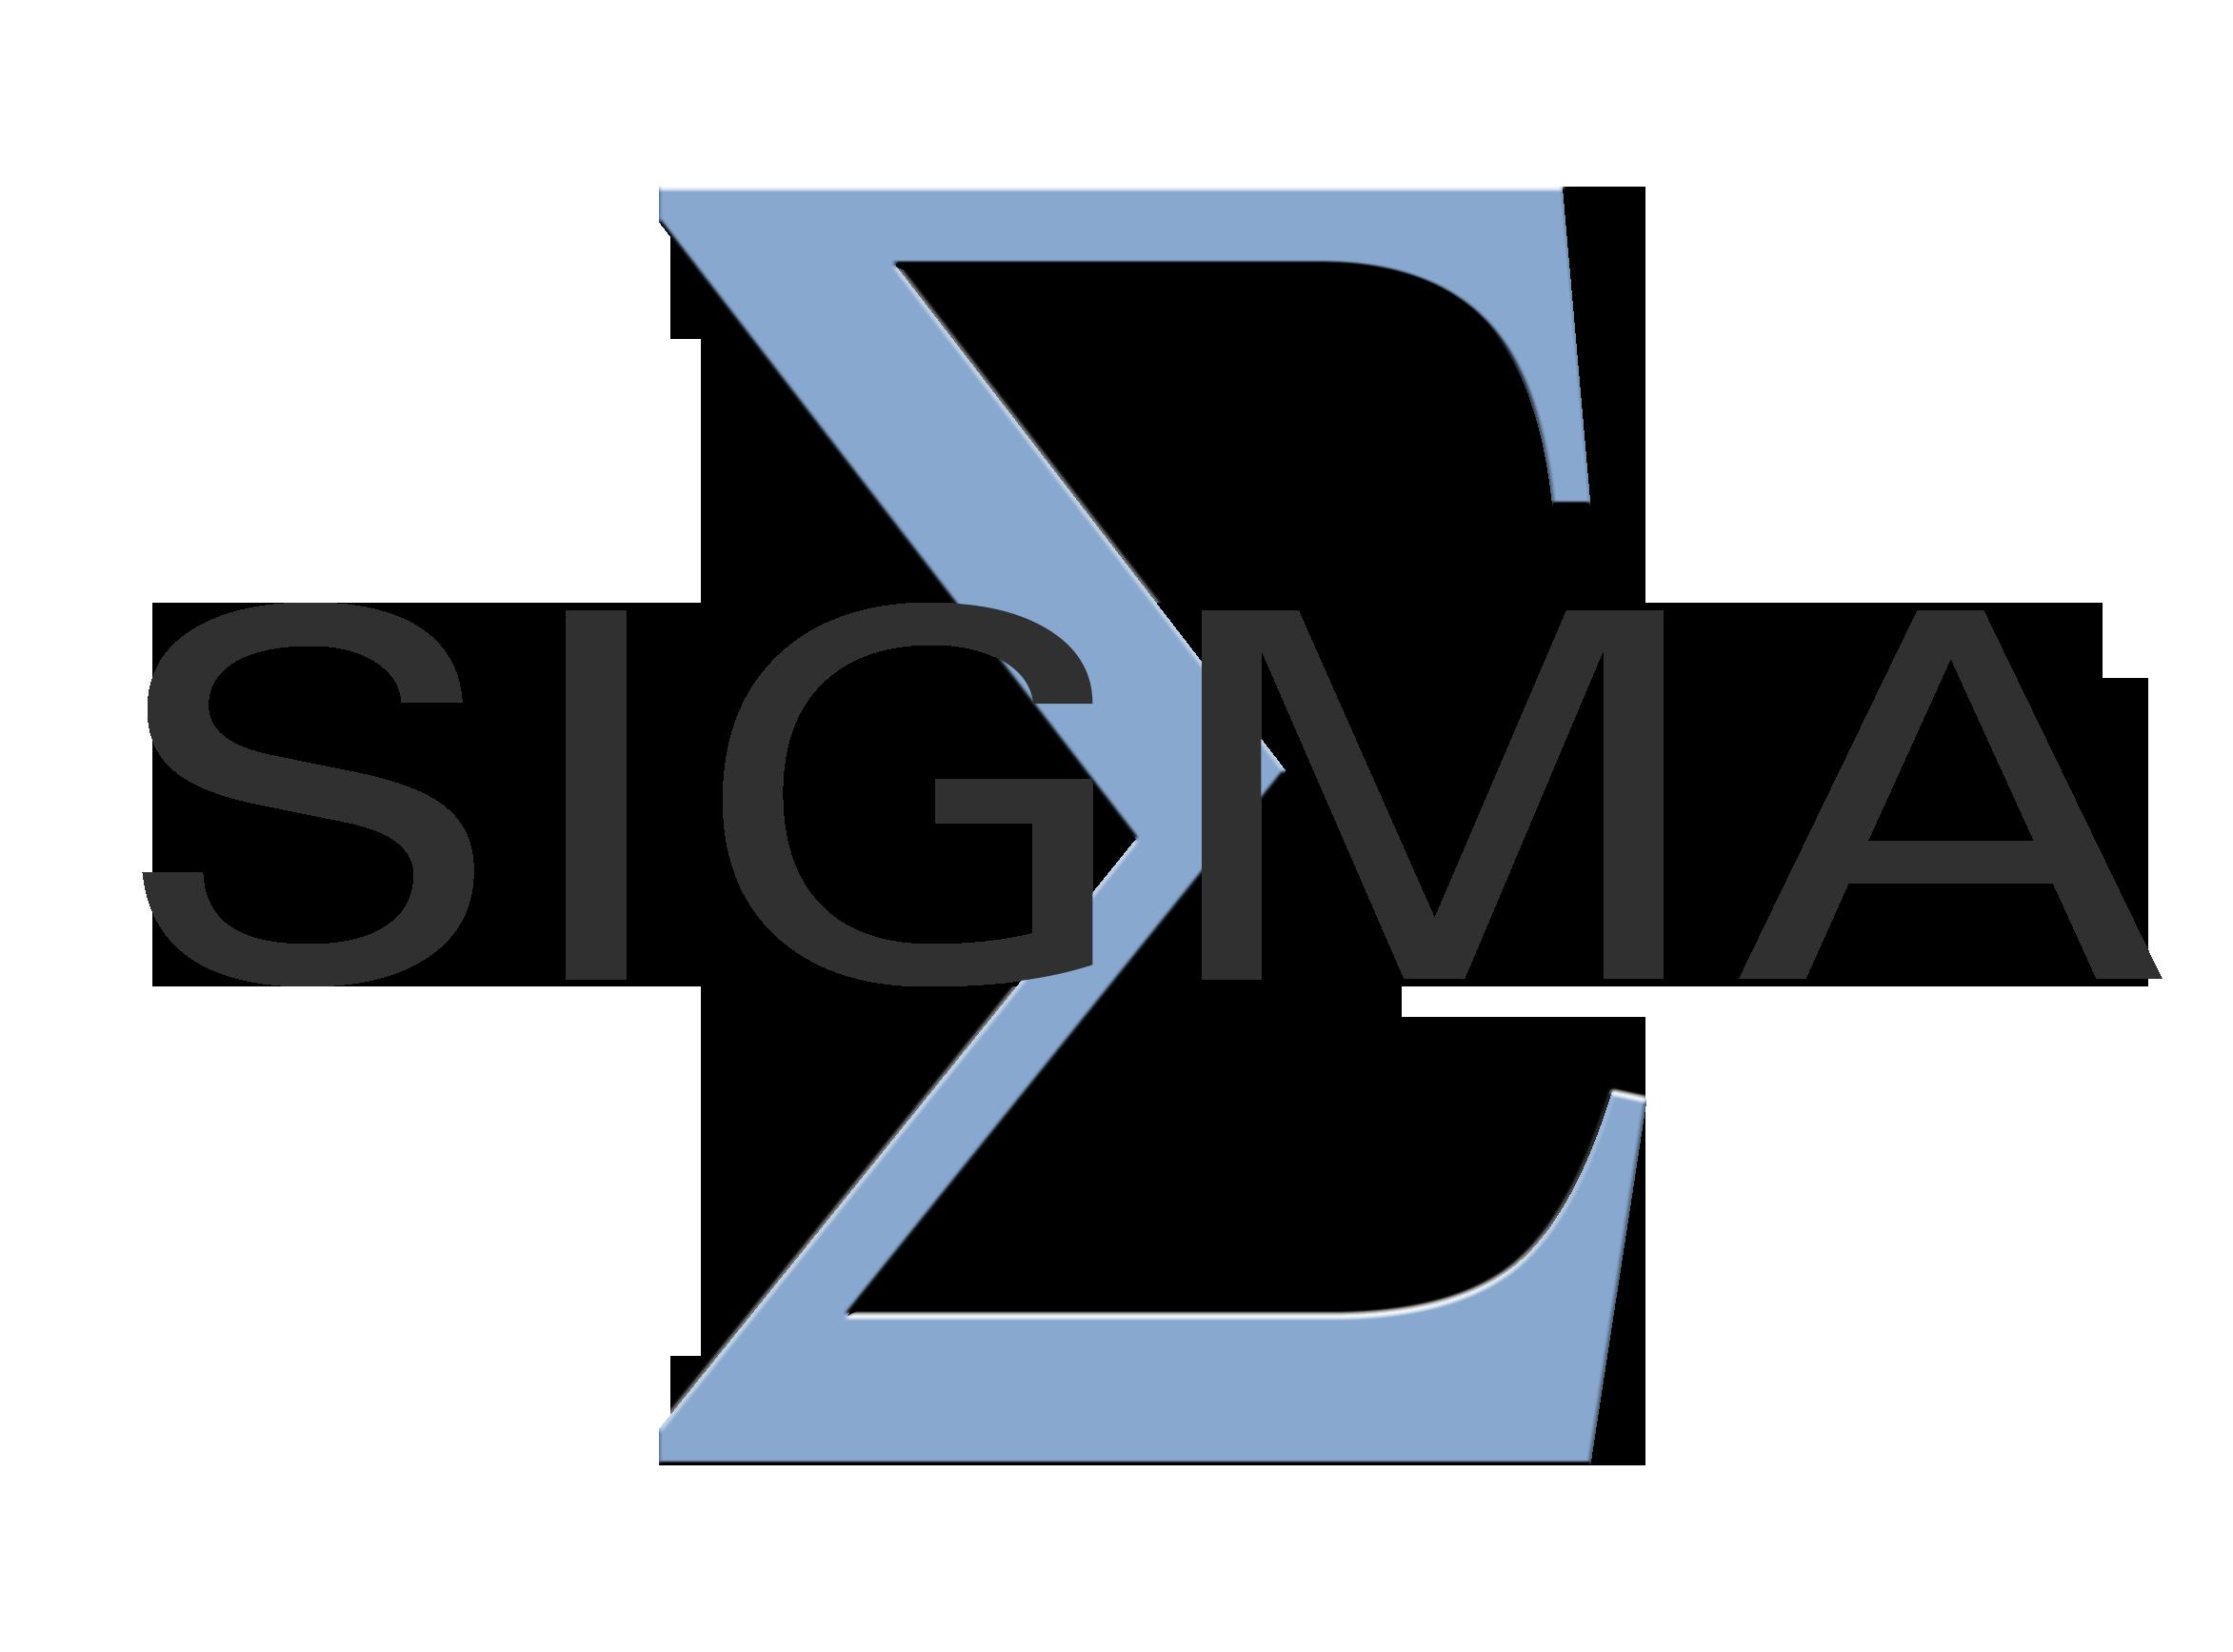 Sigma SA